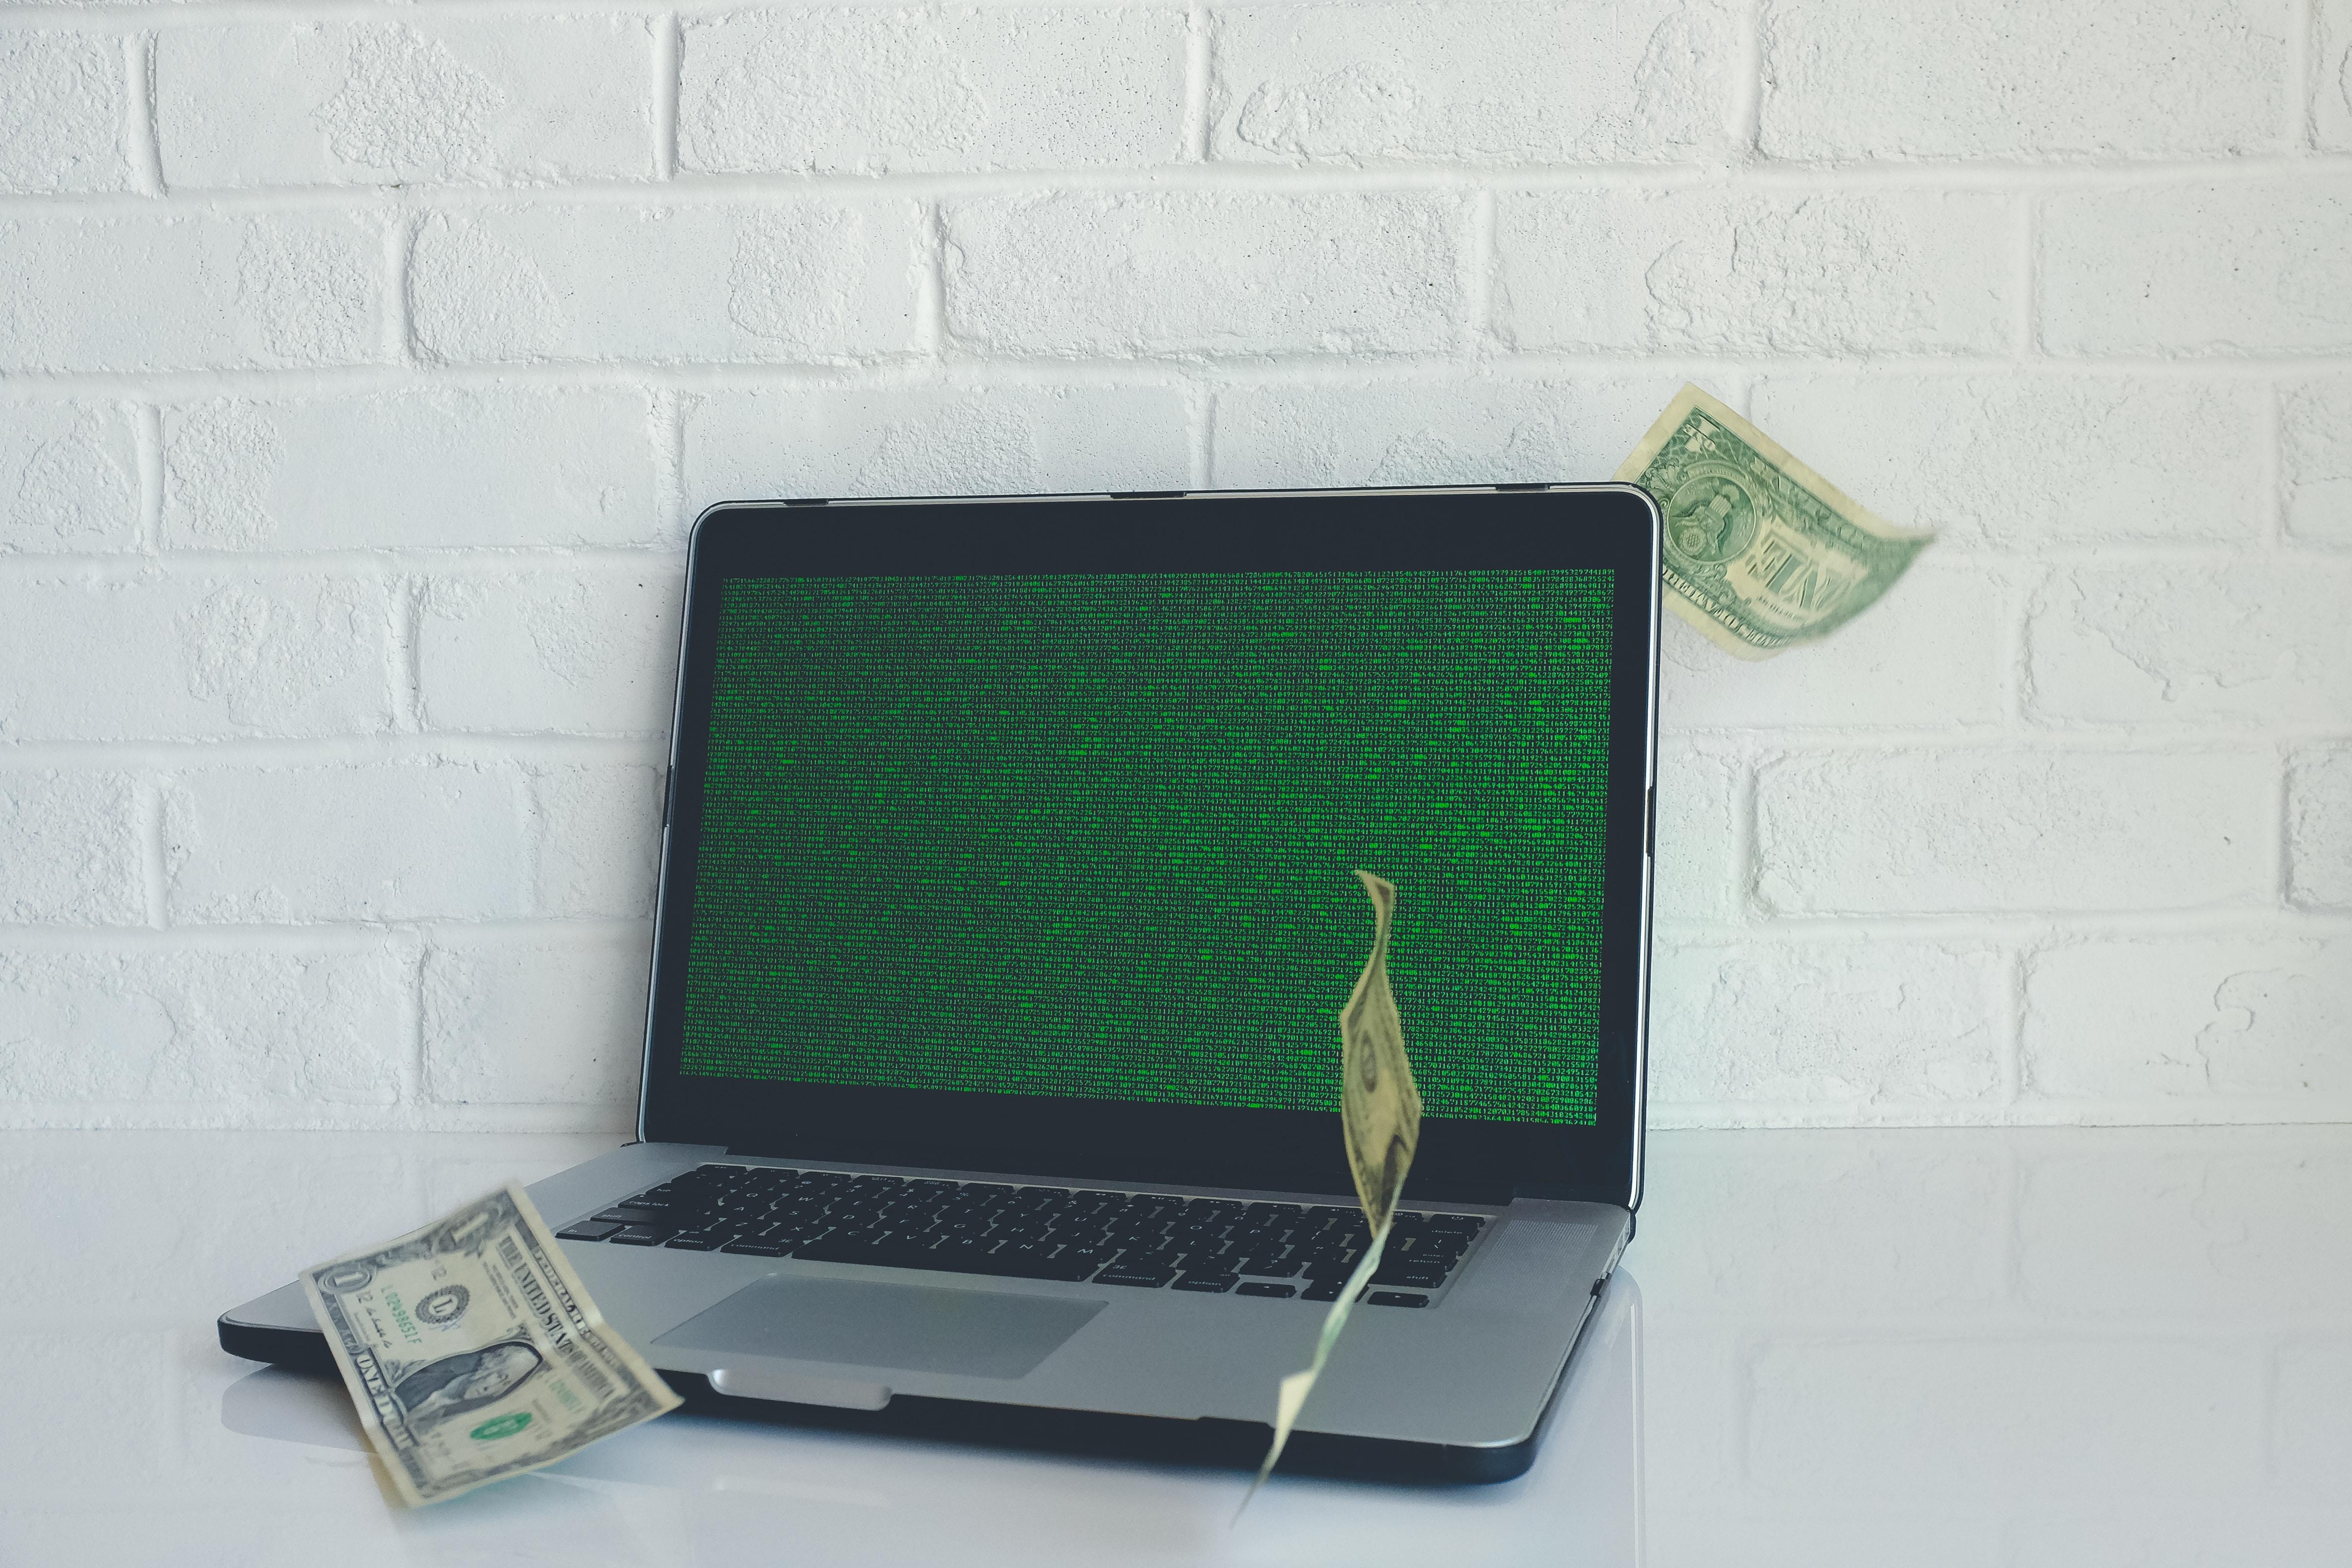 Zakupy internetowe są popularne ze względu na wygodę jaką zapewniają. Szeroki wybór opcji płatności zwiększa jej poziom do maksimum.